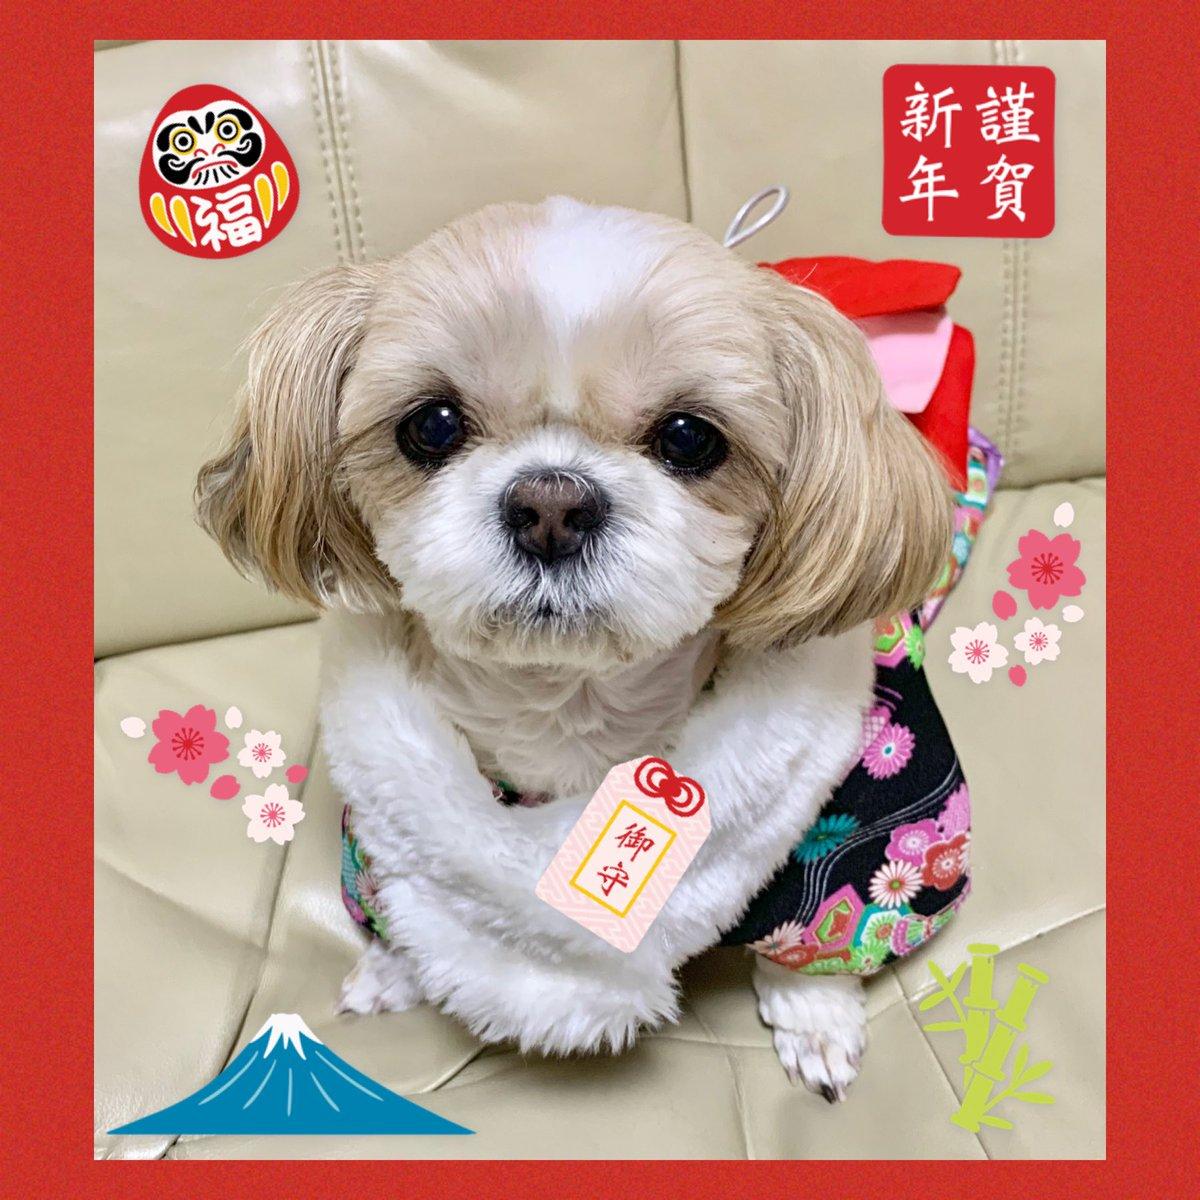 明けましておめでとうございます本年もよろしくお願いします #犬 #犬好き #犬好きな人と繋がりたい #犬好きさんと繋がりたい #ワンコ #ワンコ大好き #犬バカ部 #ふわもこ部 #鼻ぺちゃ犬 #シーズー #シーズー大好き部 #dog #dogs pic.twitter.com/C5iFhrbn3W